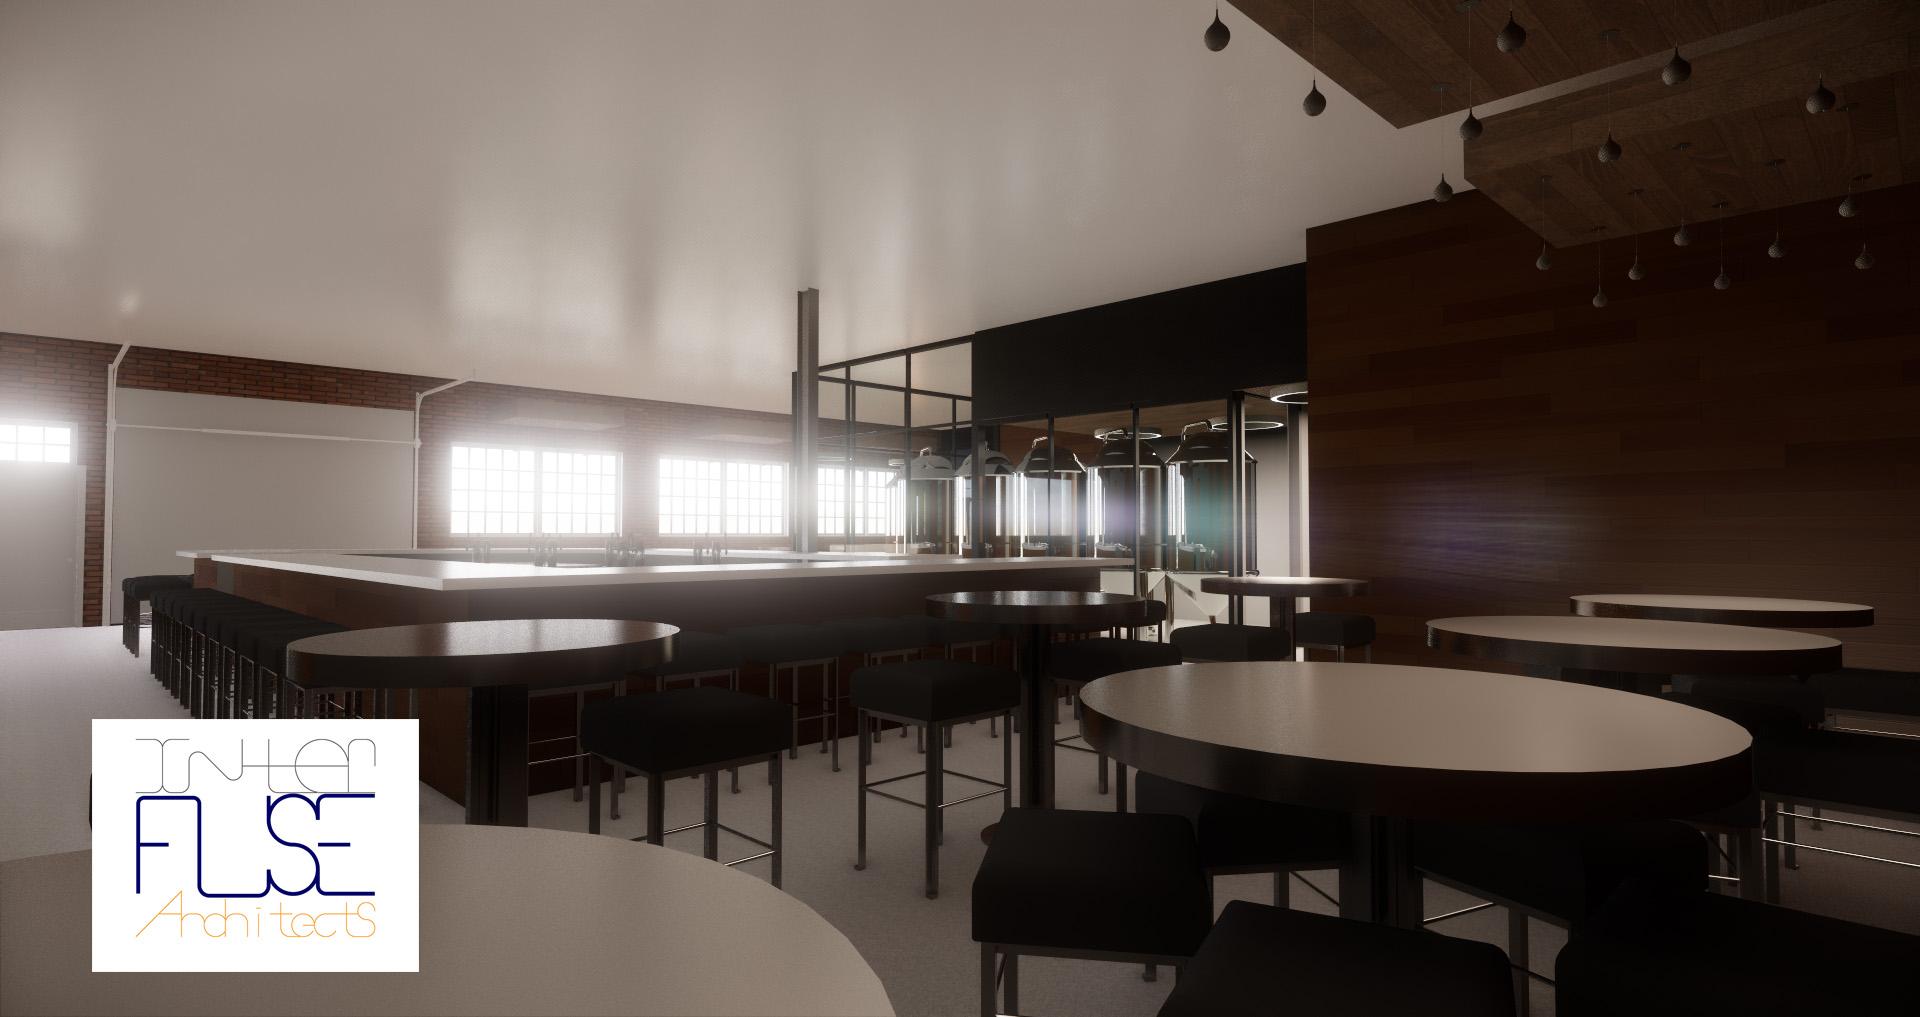 IHB Concept 03